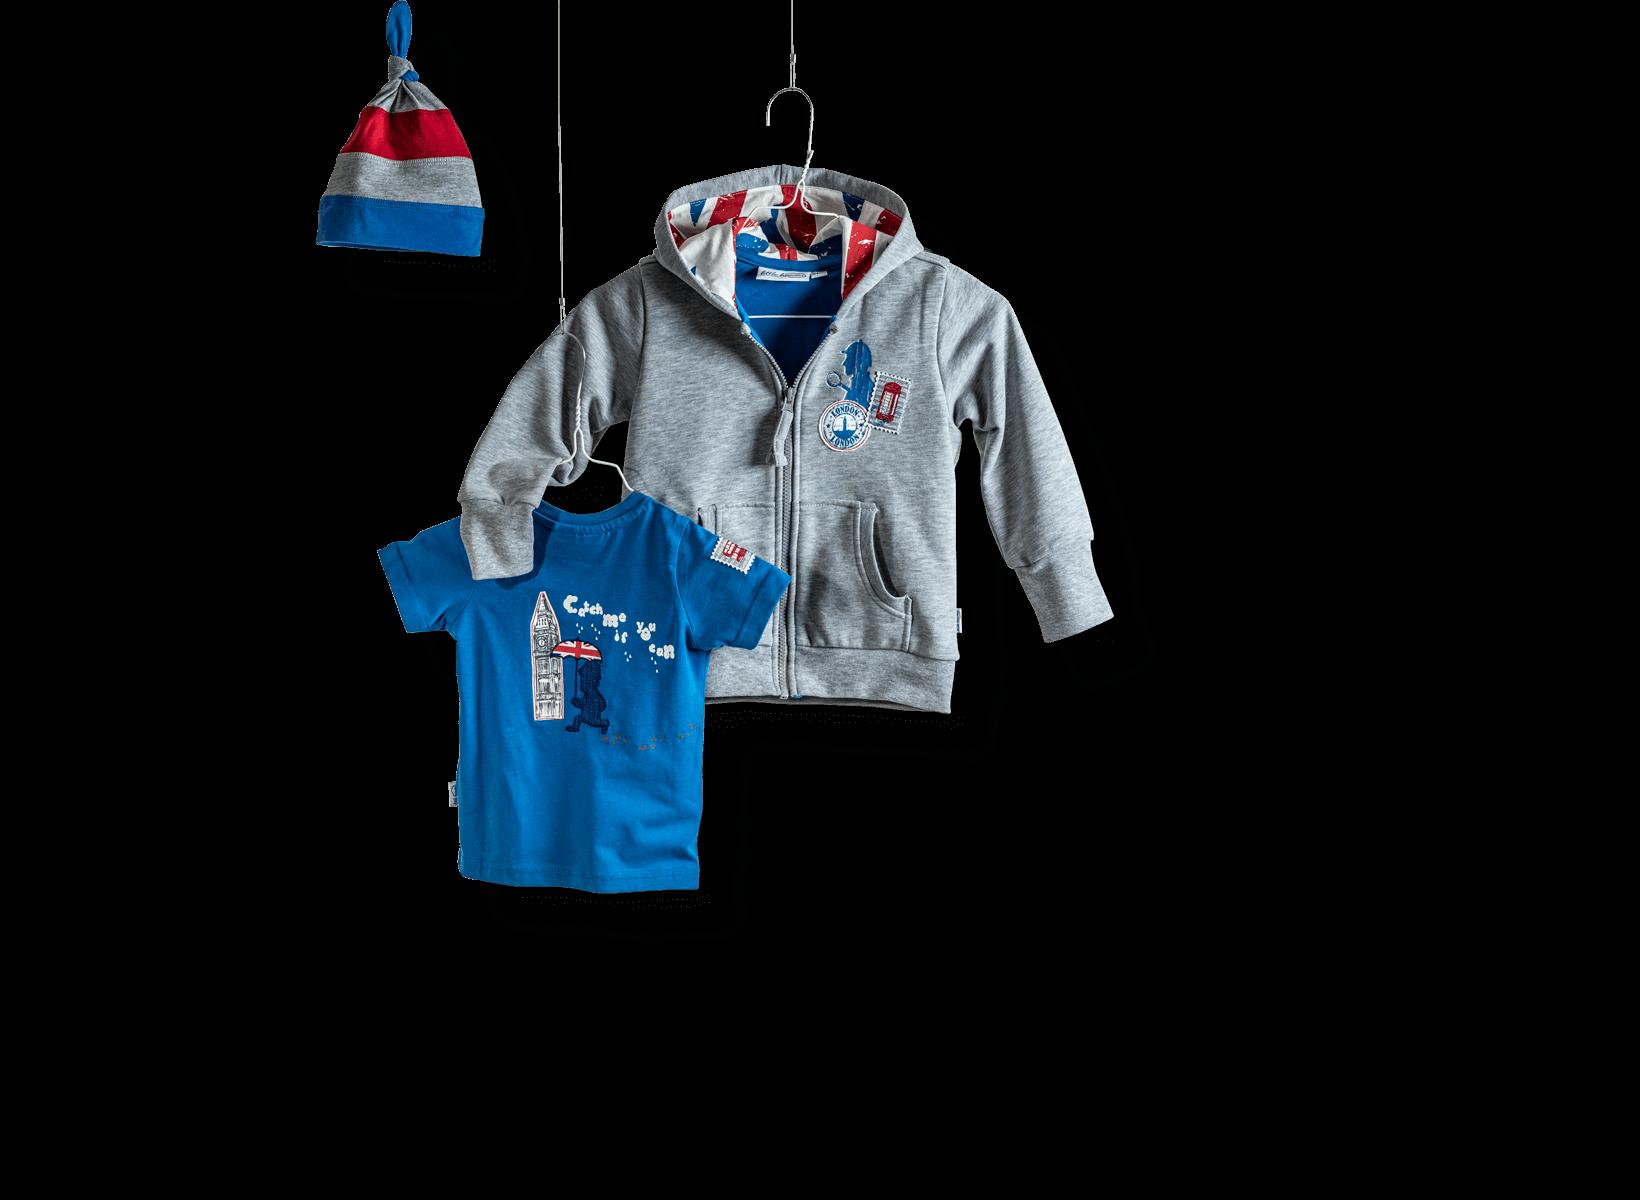 Textilveredlung Beispiel Kollektion von Little Heaven. Besteht aus Mütze, Hoodie und Tshirt in den Farben Grau, blau und rot.